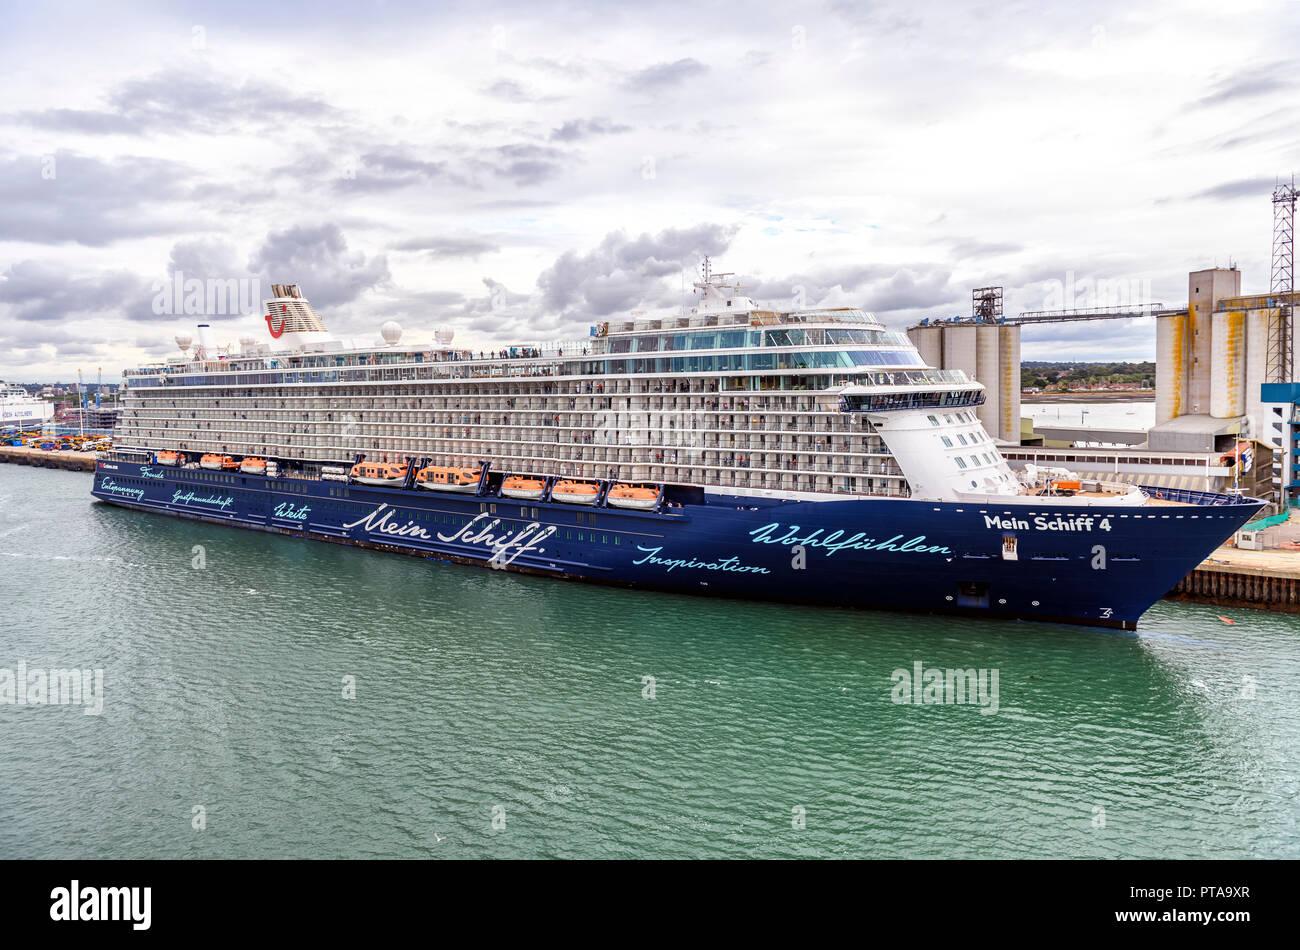 Mein Schiff 4, a TUI Thomson cruise ship docked at Southampton UK - Stock Image